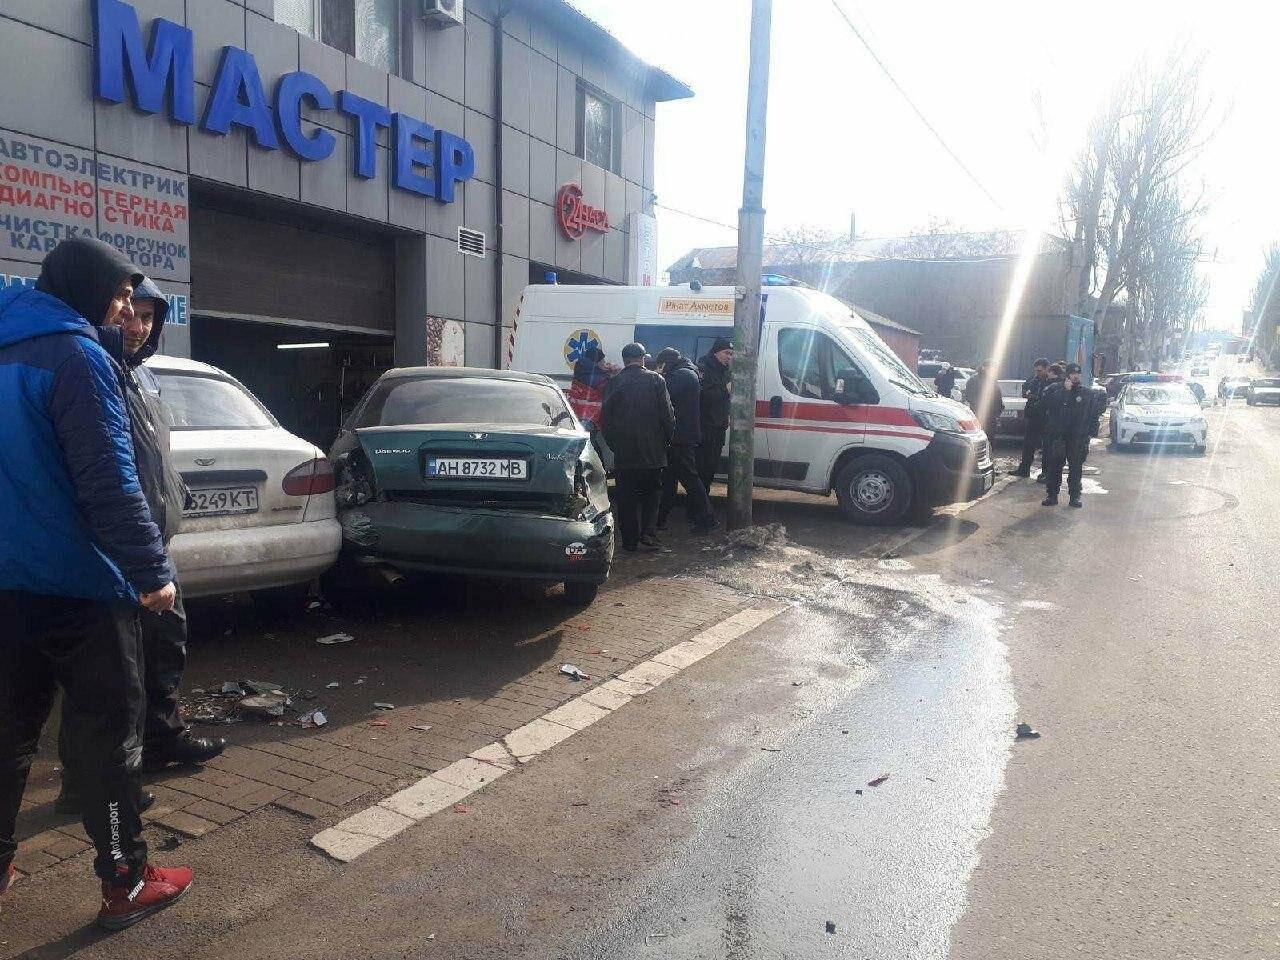 Массовое ДТП. В Мариуполе пострадали пять машин, - ФОТО, фото-1